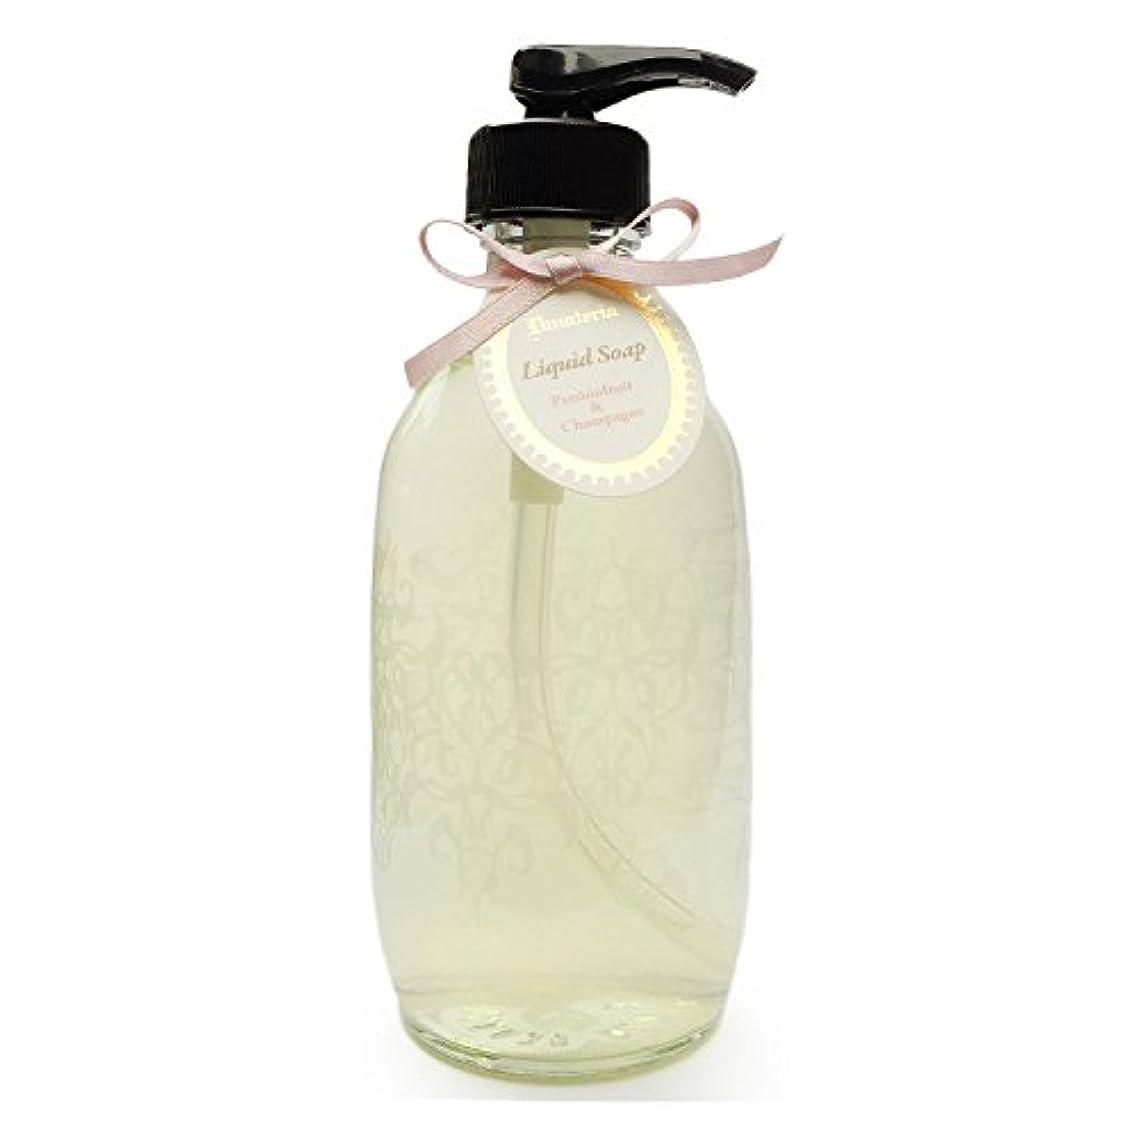 ドリル振動させる健康的D materia リキッドソープ パッションフルーツ&シャンパン Passionfruit&Champagne Liquid Soap ディーマテリア